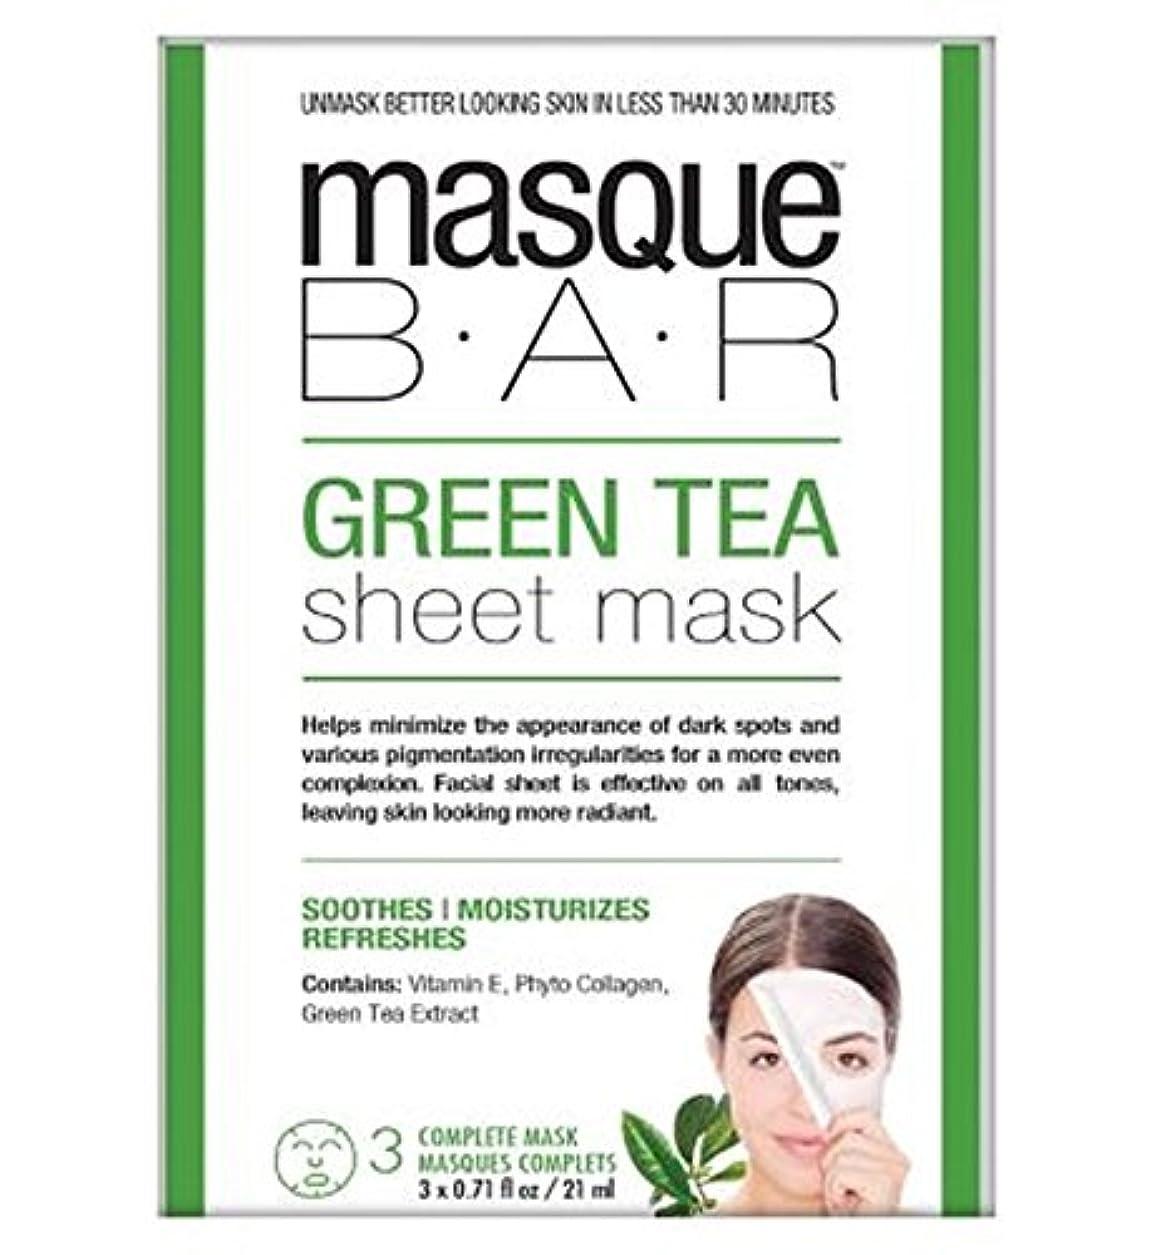 シチリアアクション番号仮面劇バー緑茶シートマスク - 3完全なマスク (P6B Masque Bar Bt) (x2) - Masque Bar Green Tea Sheet Mask - 3 complete masks (Pack of...